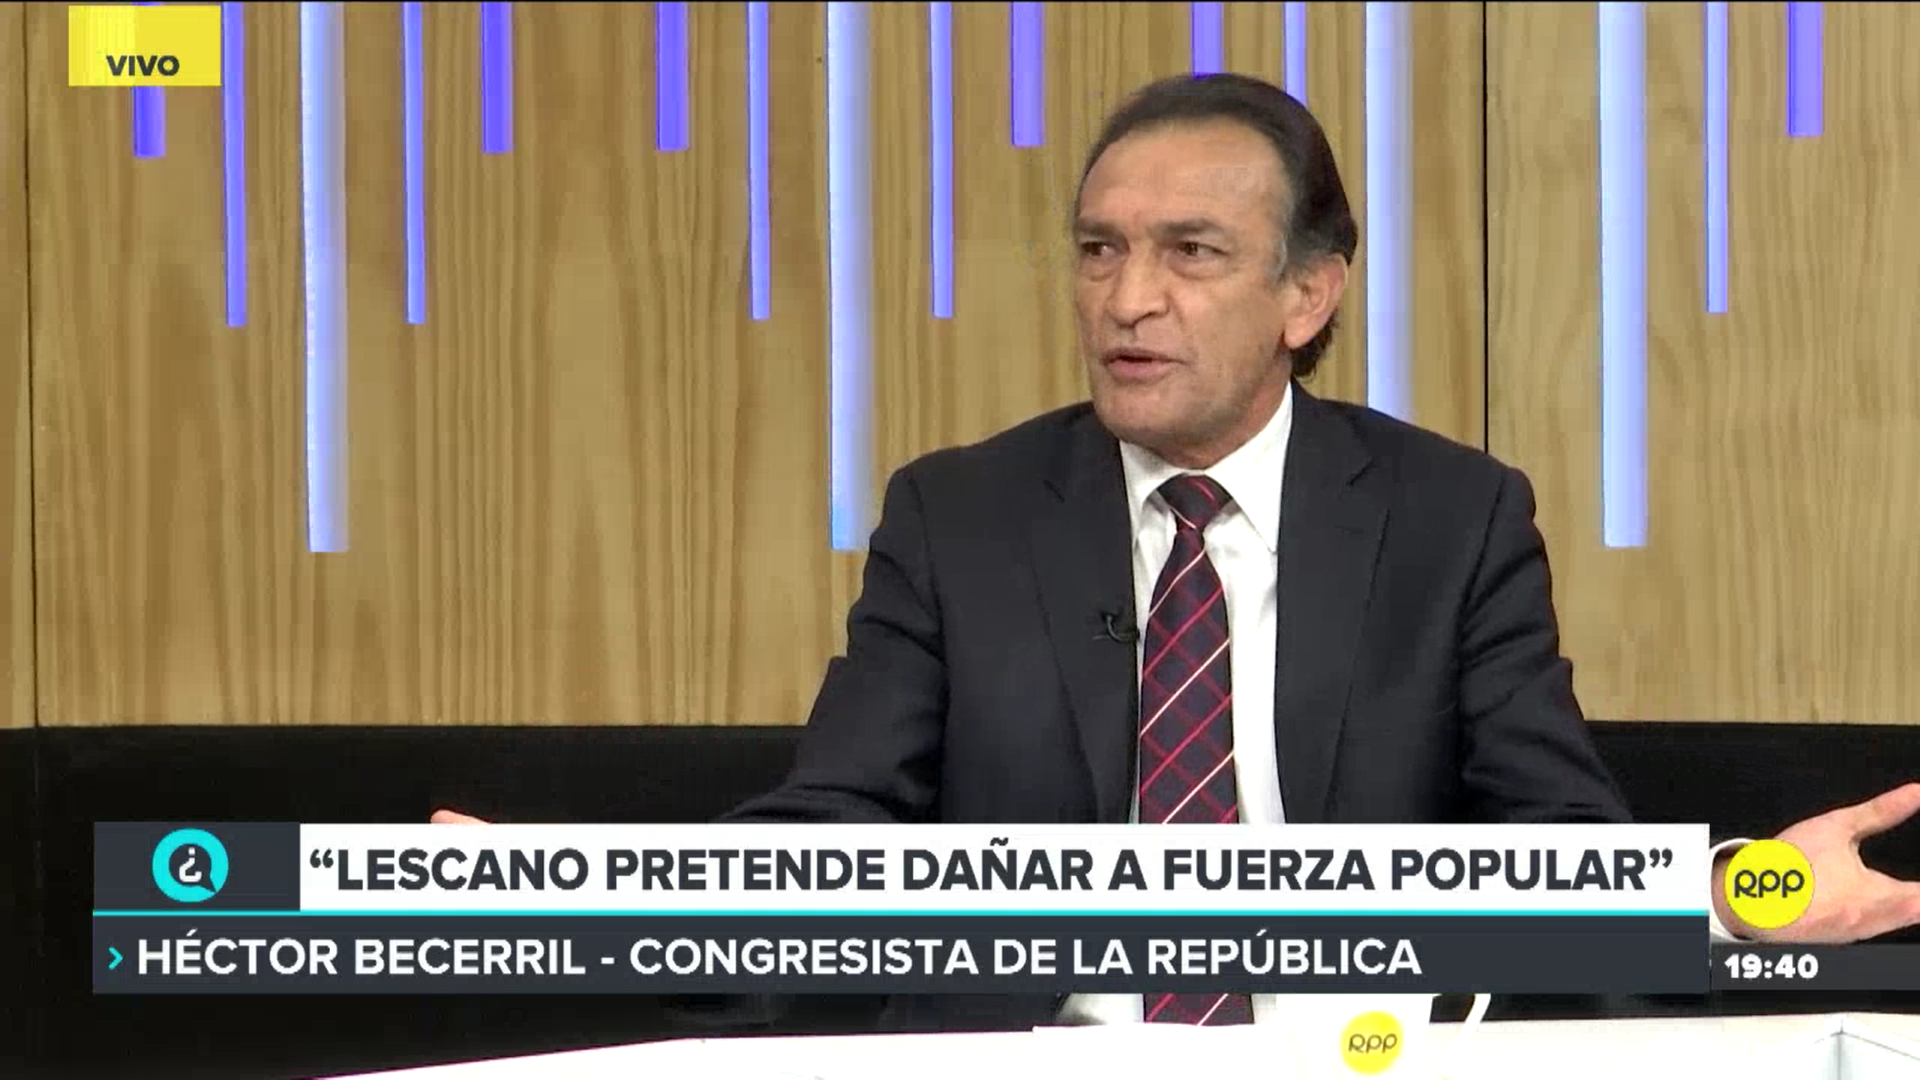 El parlamentario comentó que se debe desaforar a Fujimori, Ramírez y Bocángel para proteger al Estado.